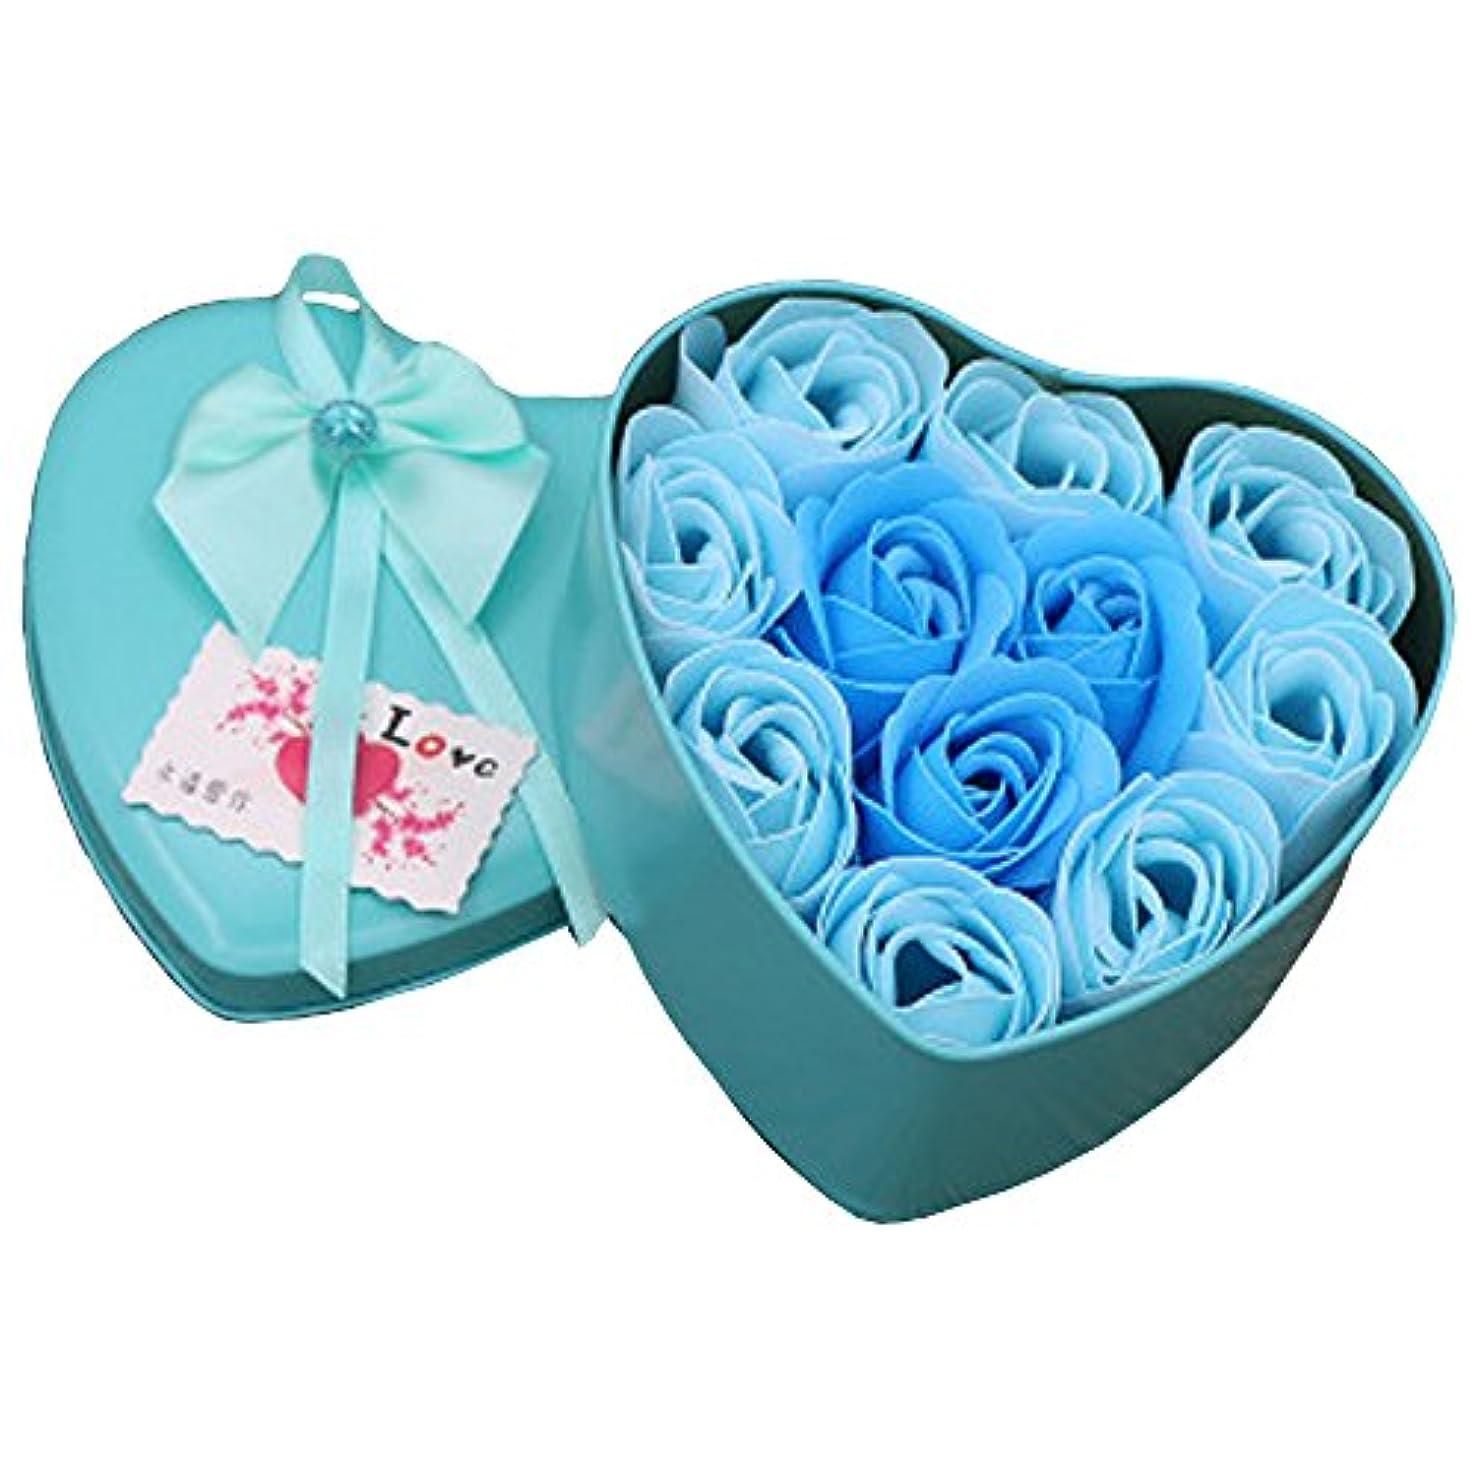 愛するパノラマ飾るiCoole ソープフラワー 石鹸花 ハードフラワー形状 ギフトボックス入り 母の日 バレンタインデー お誕生日 ギフト